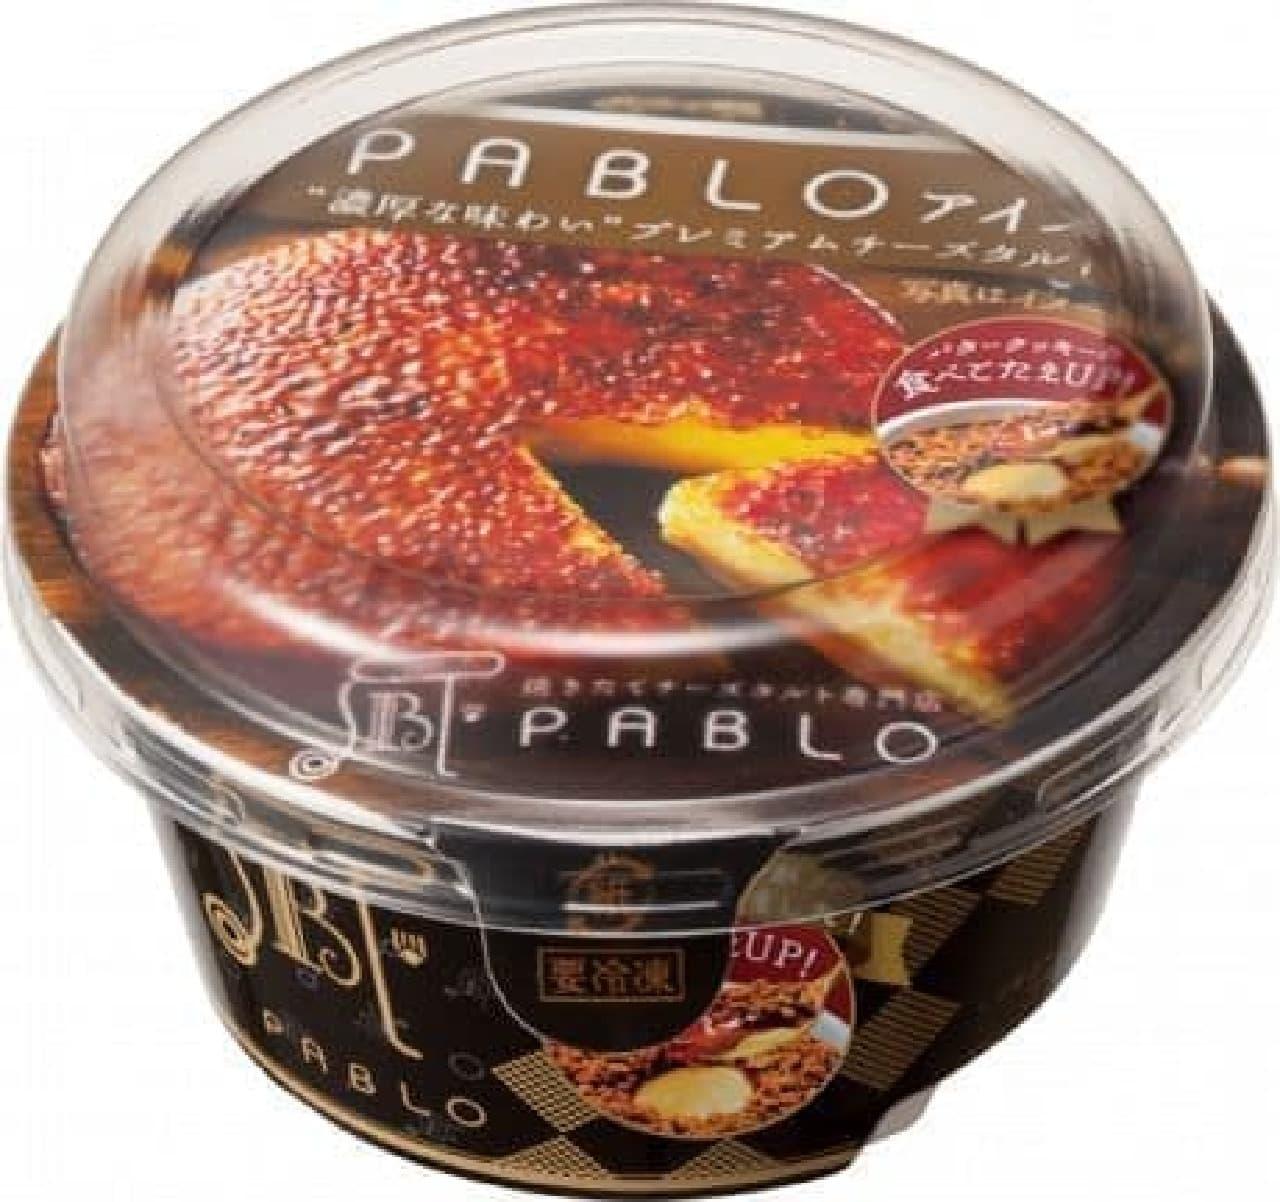 赤城乳業「PABLOアイス 濃厚な味わいプレミアムチーズタルト」